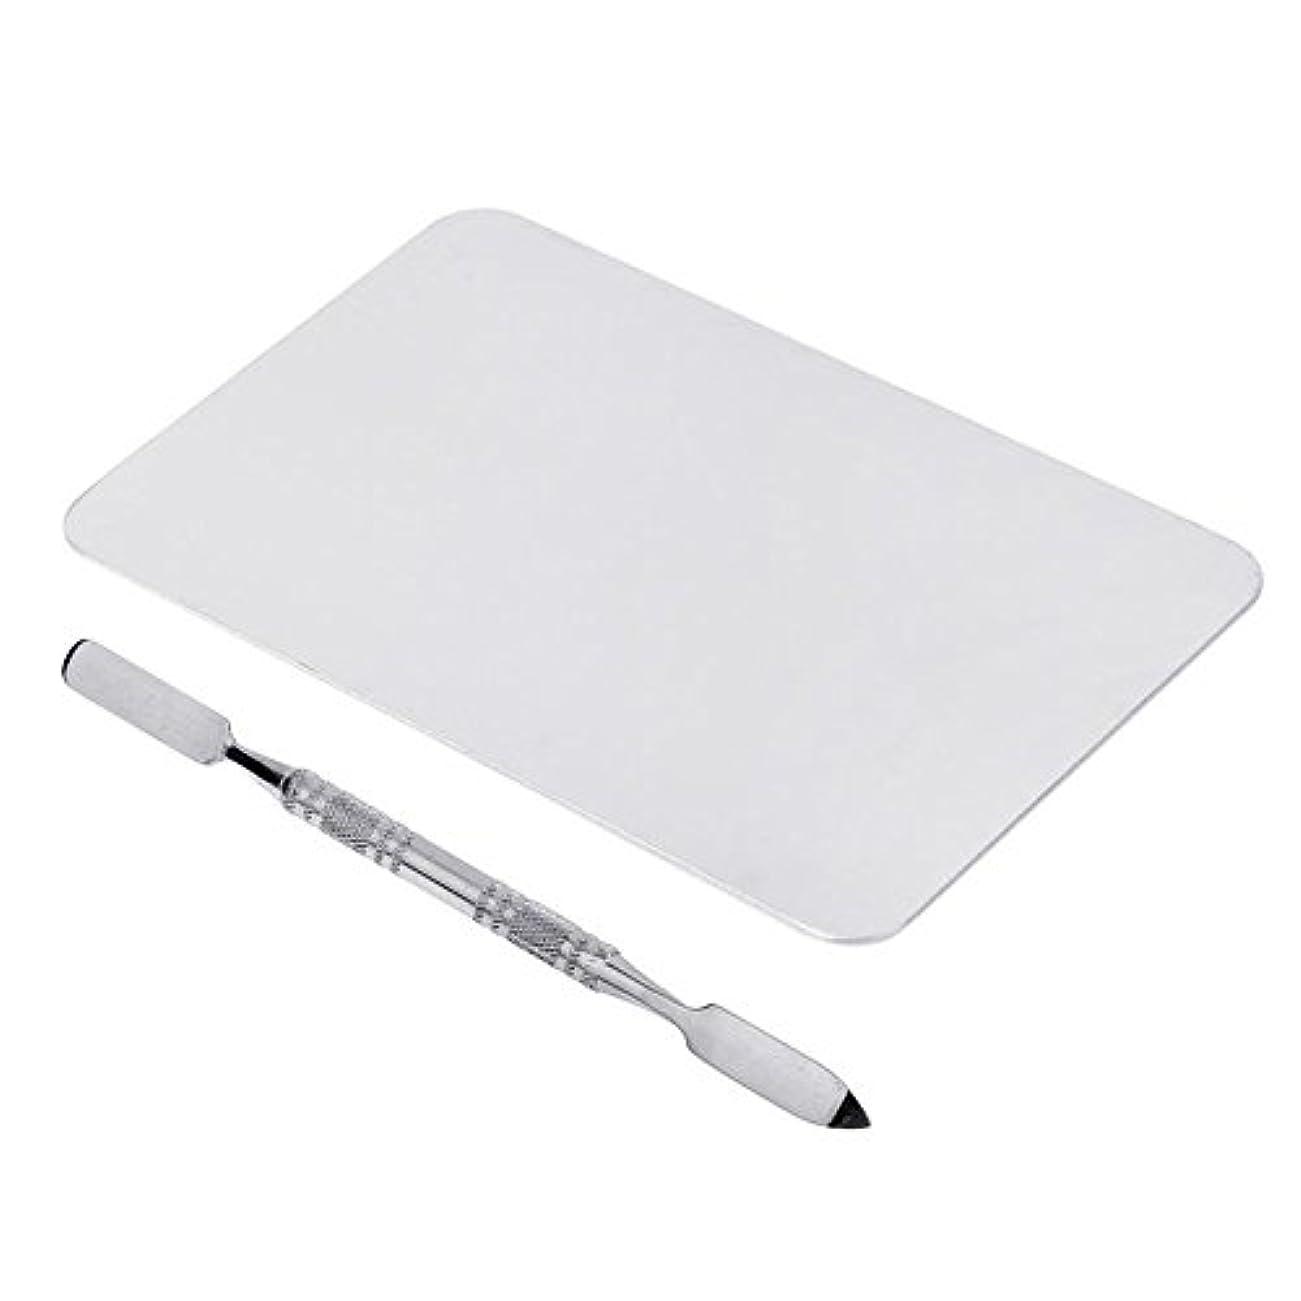 空白方言お母さんGaoominy 2色のメイクパレットマニキュア、メイクアップ、アイシャドウパレットパレットセット12cm